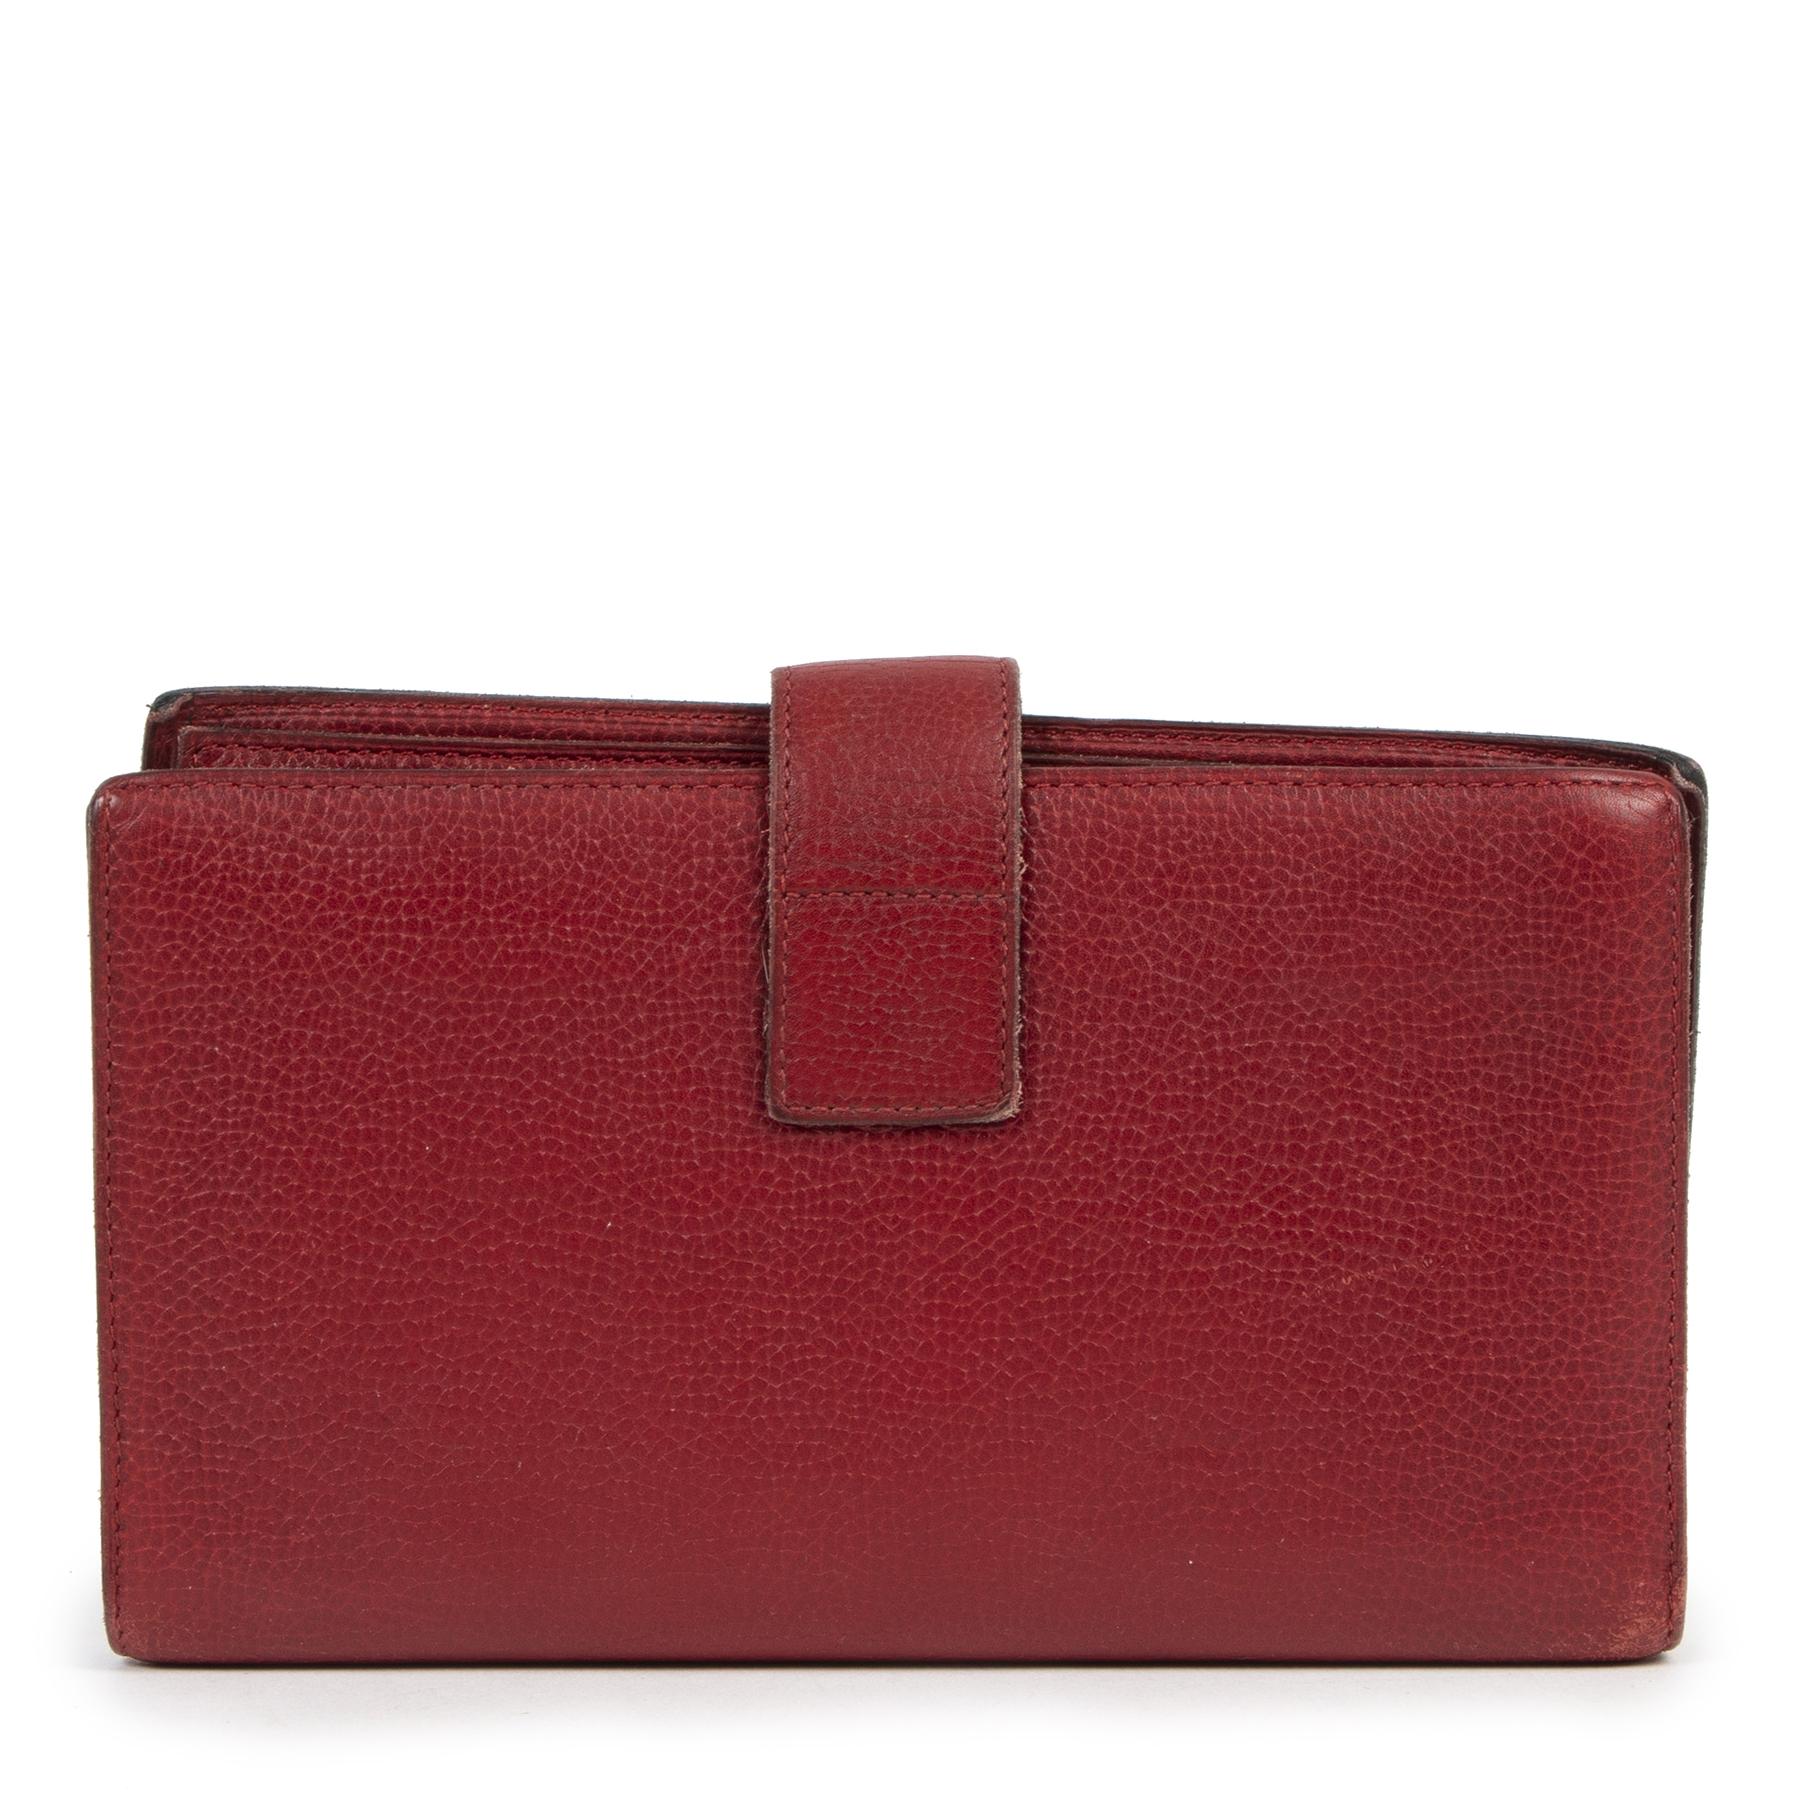 koop veilig online Delvaux Red Grained Wallet